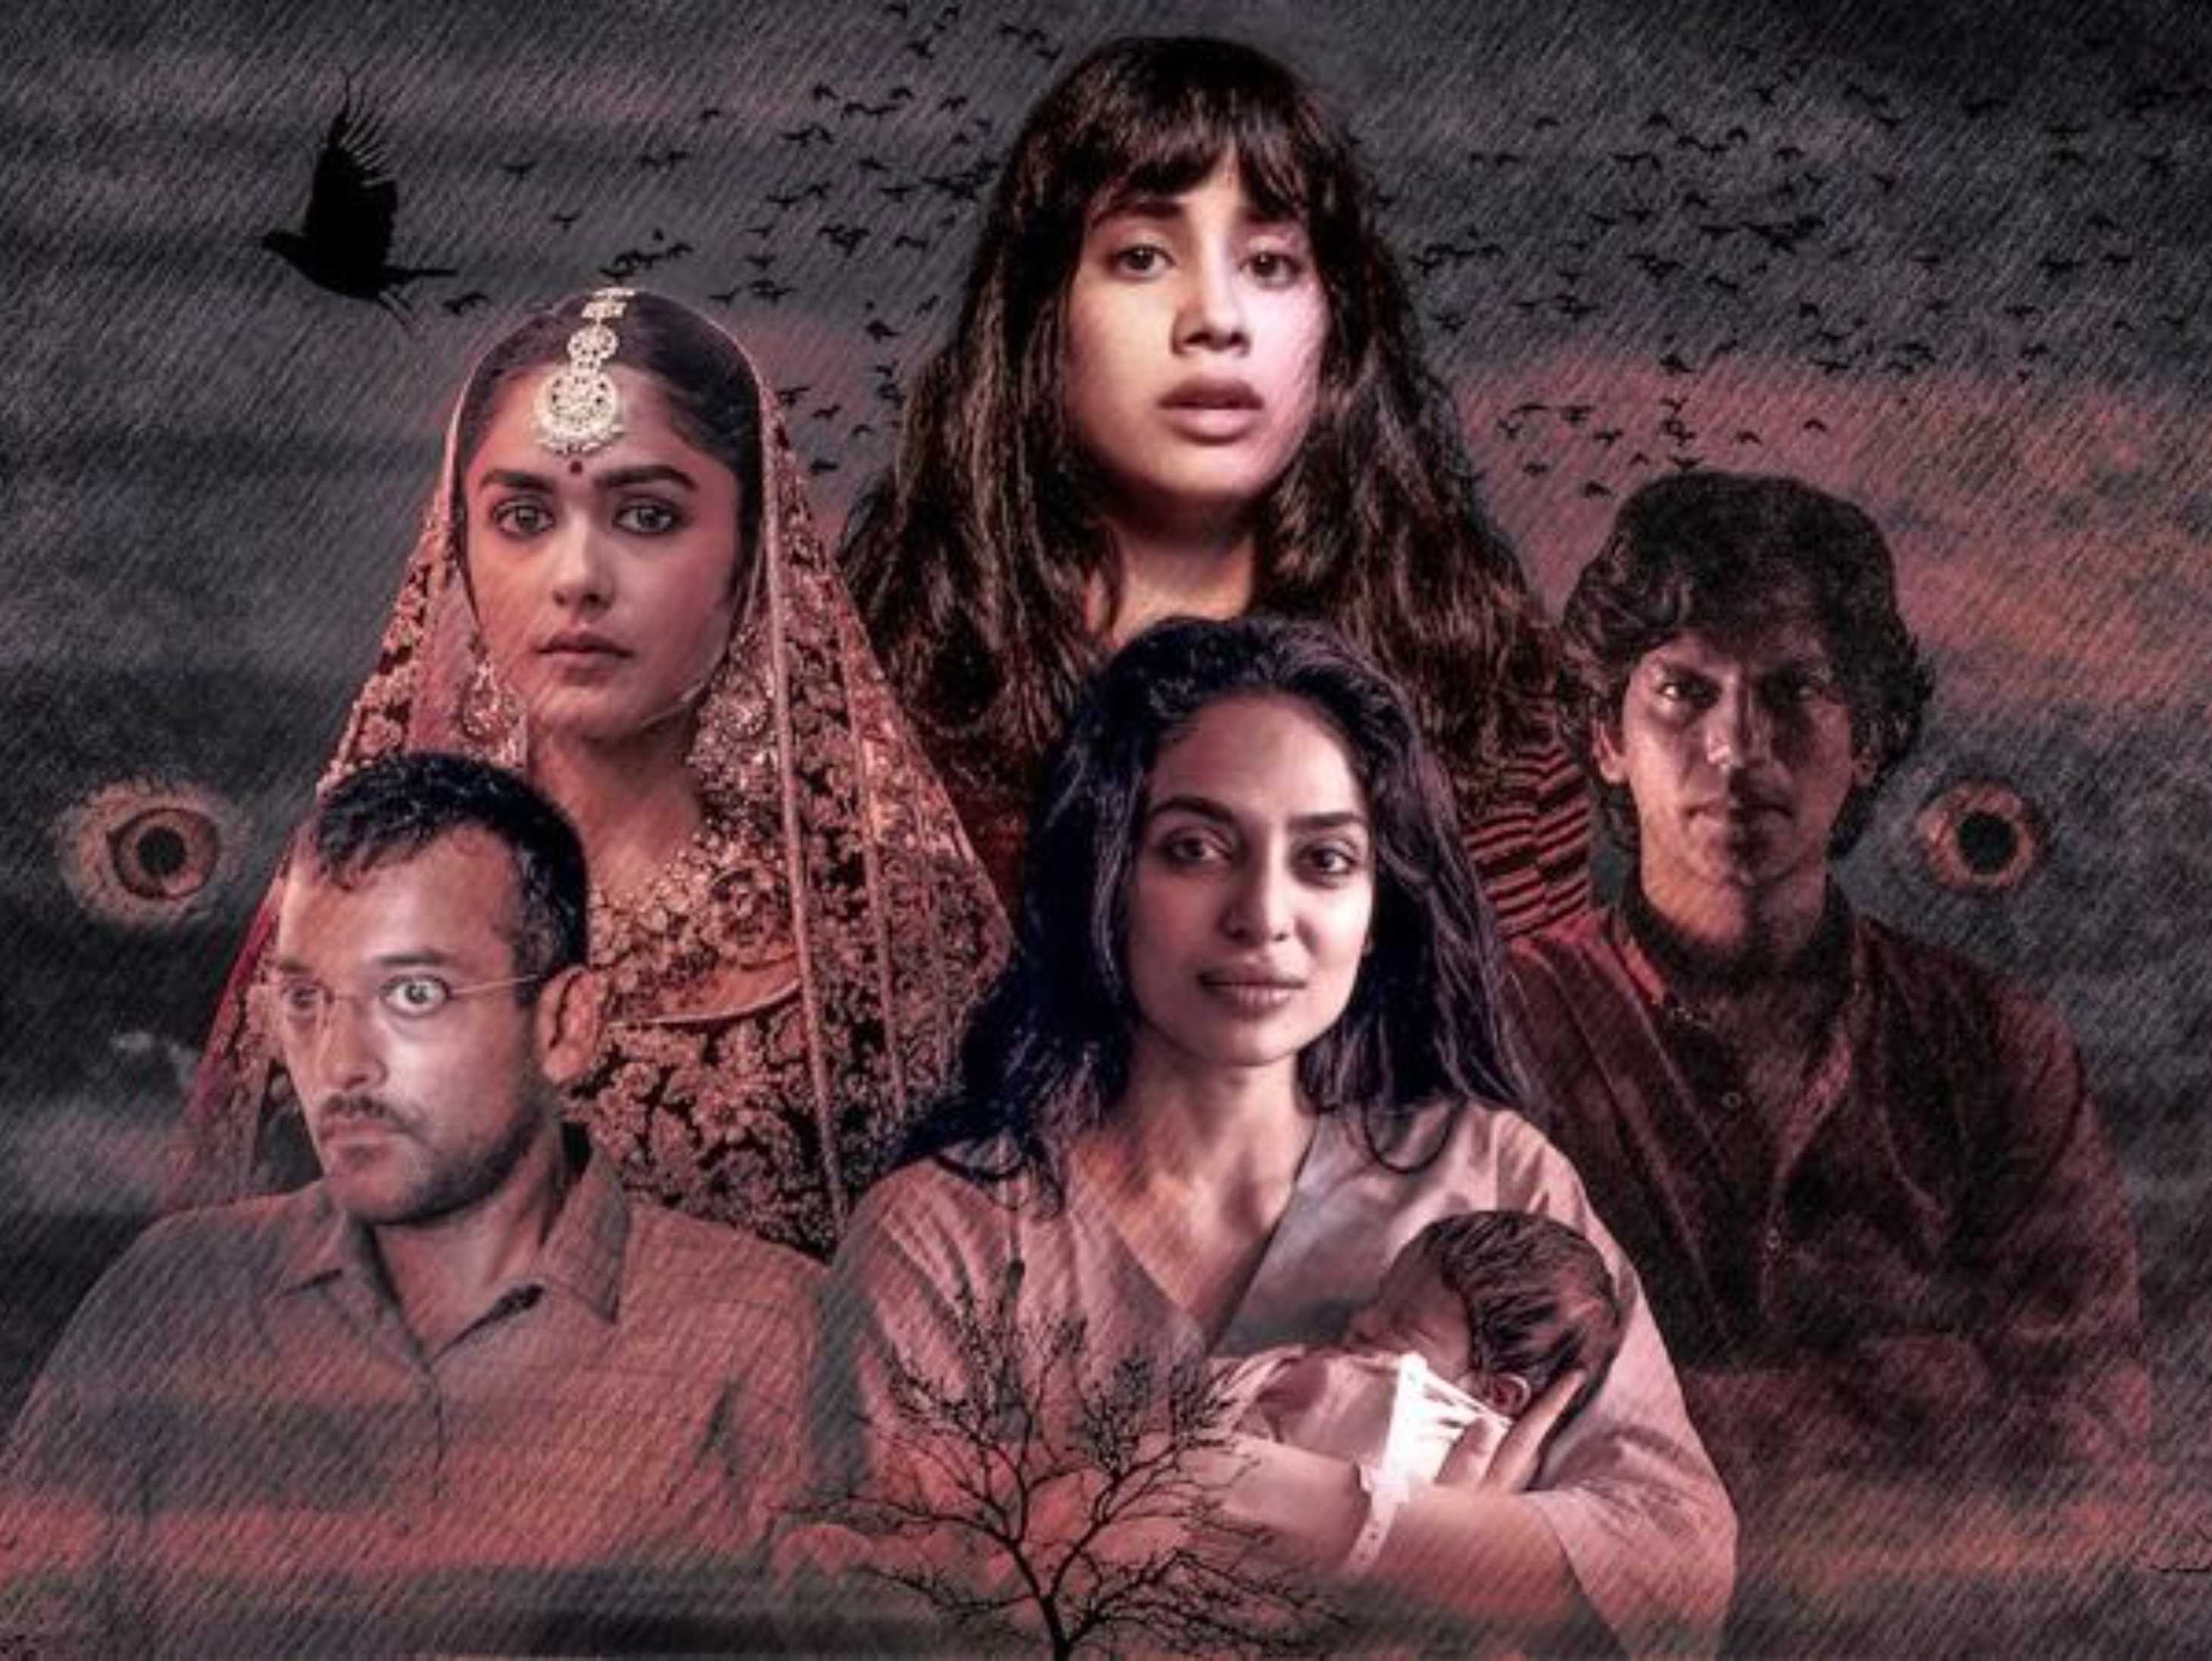 अनुराग कश्यप की शॉर्ट फिल्म 'घोस्ट स्टोरीज' के सीन पर डिजिटल मीडिया एथिक्स कोड के तहत दर्ज हुई पहली शिकायत|बॉलीवुड,Bollywood - Dainik Bhaskar